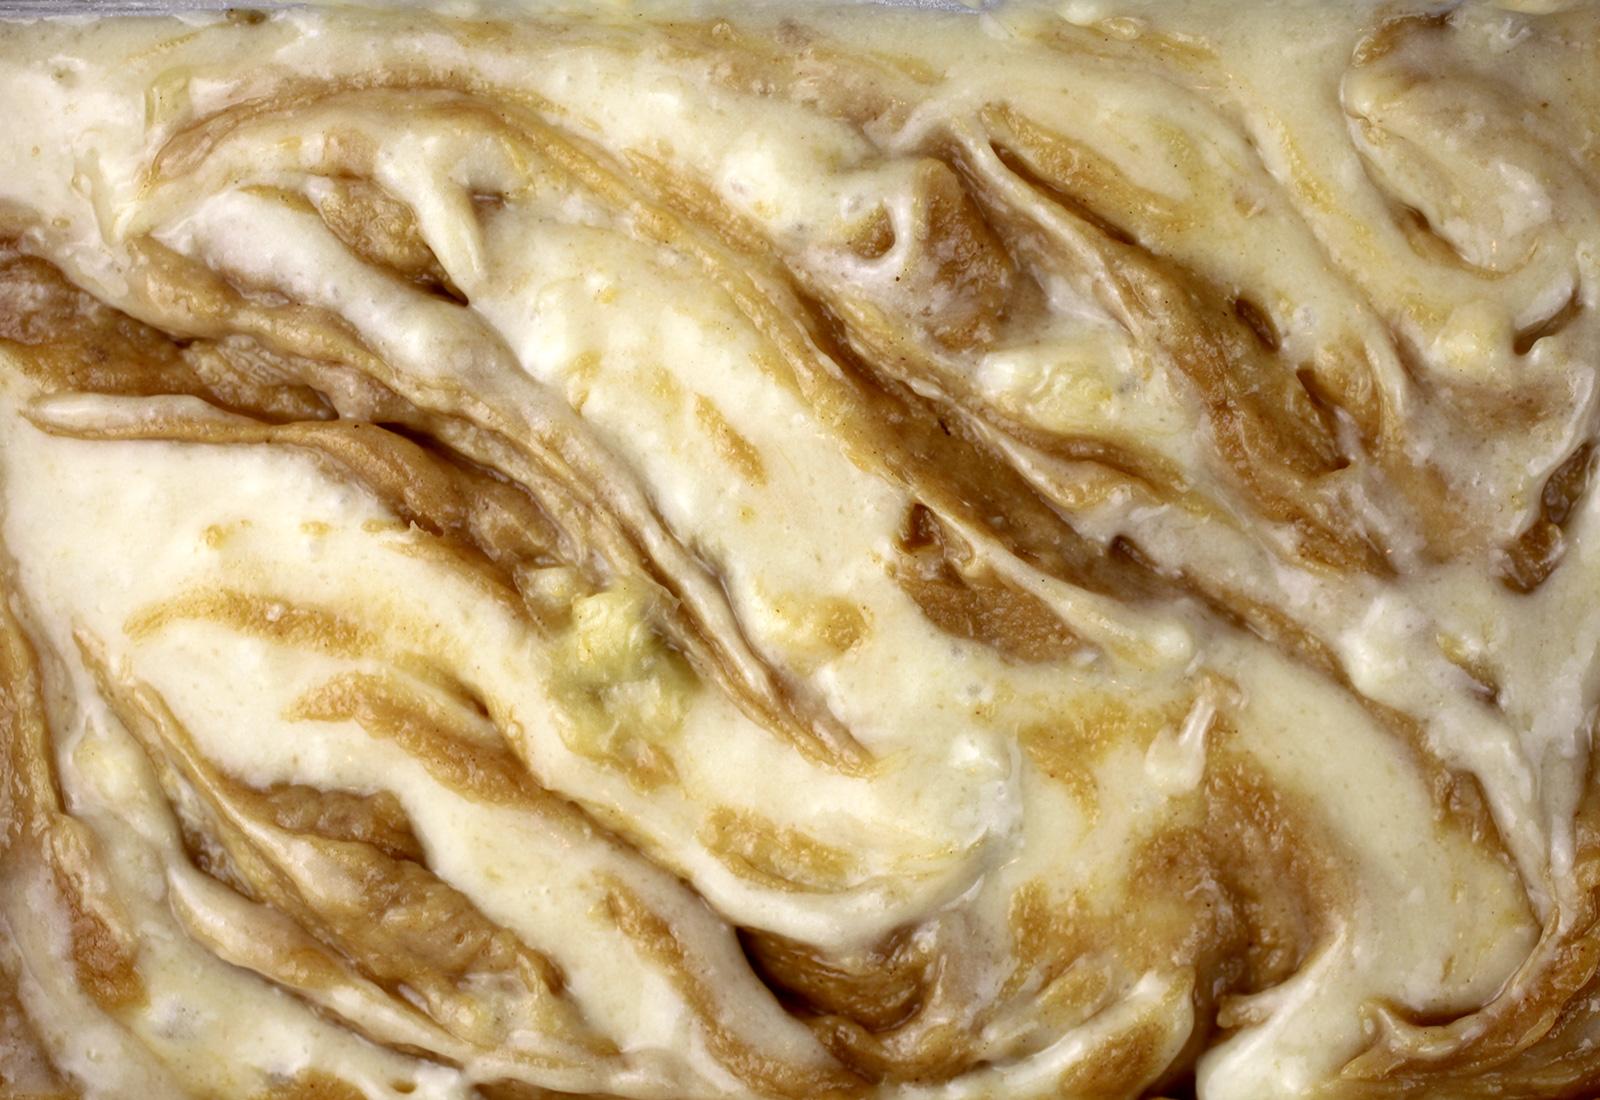 Peanut Butter Banana Bread Swirled Batter